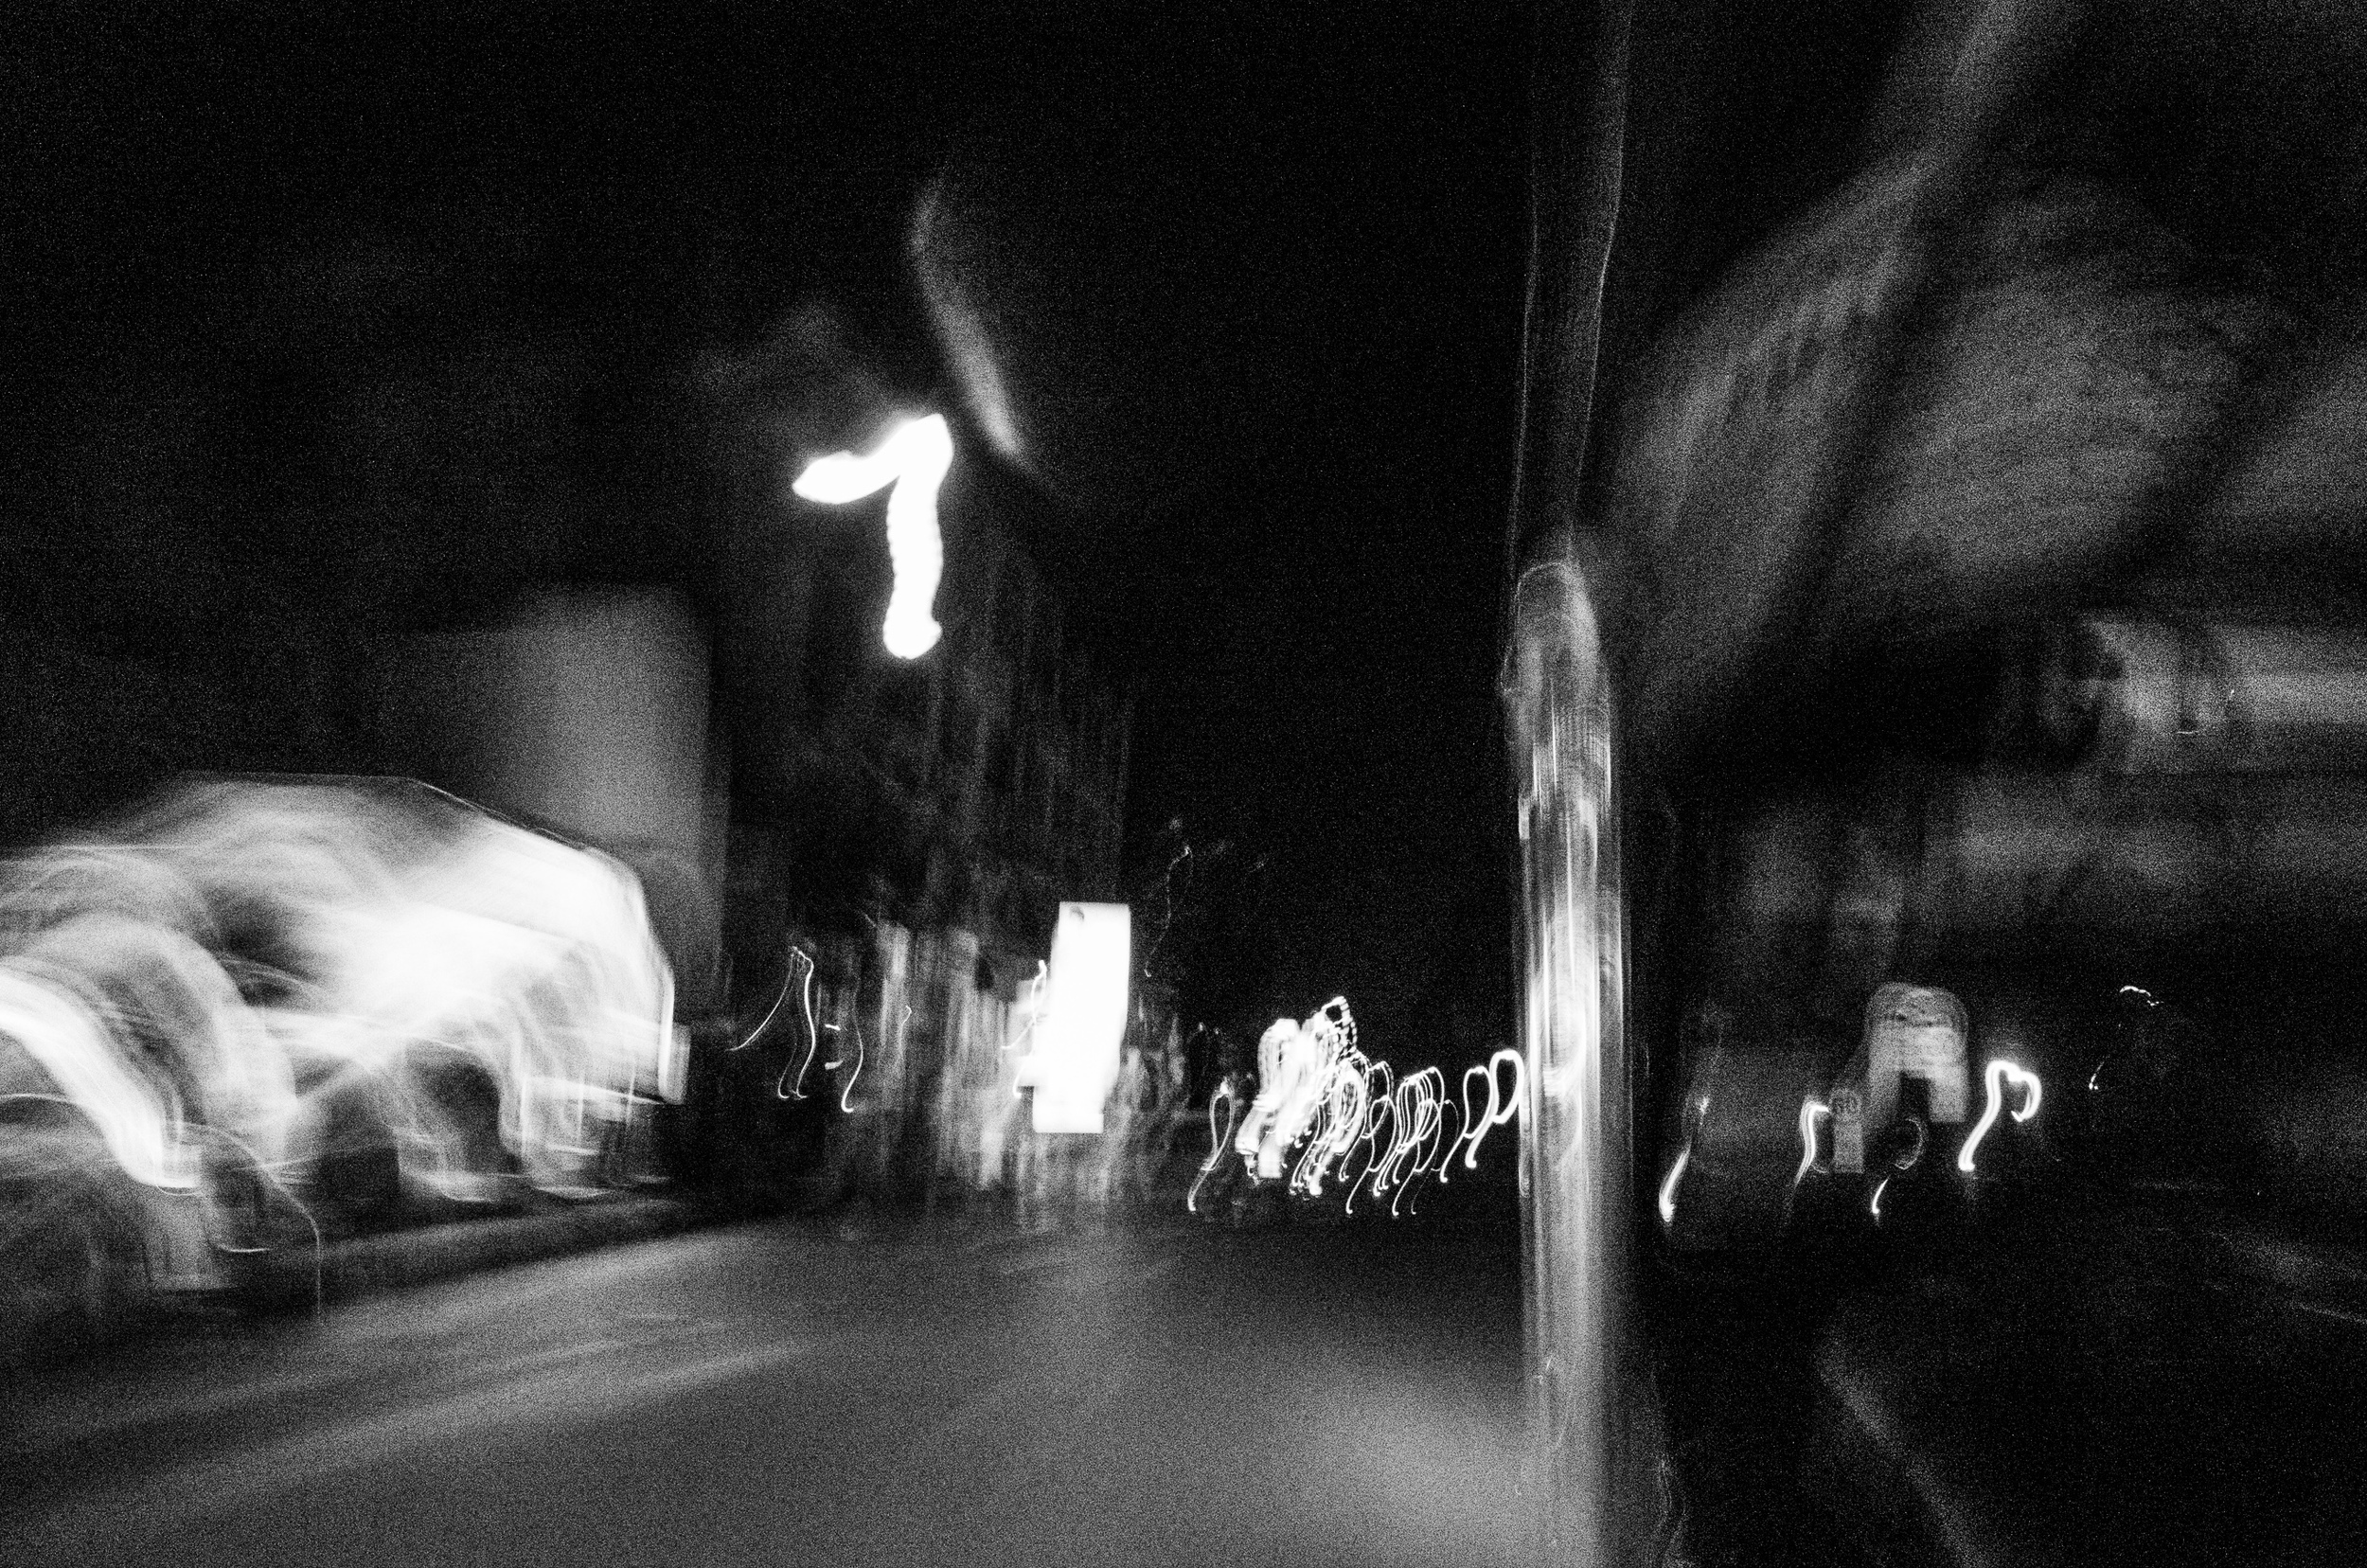 tuk-tuk-night-ride-08.jpg